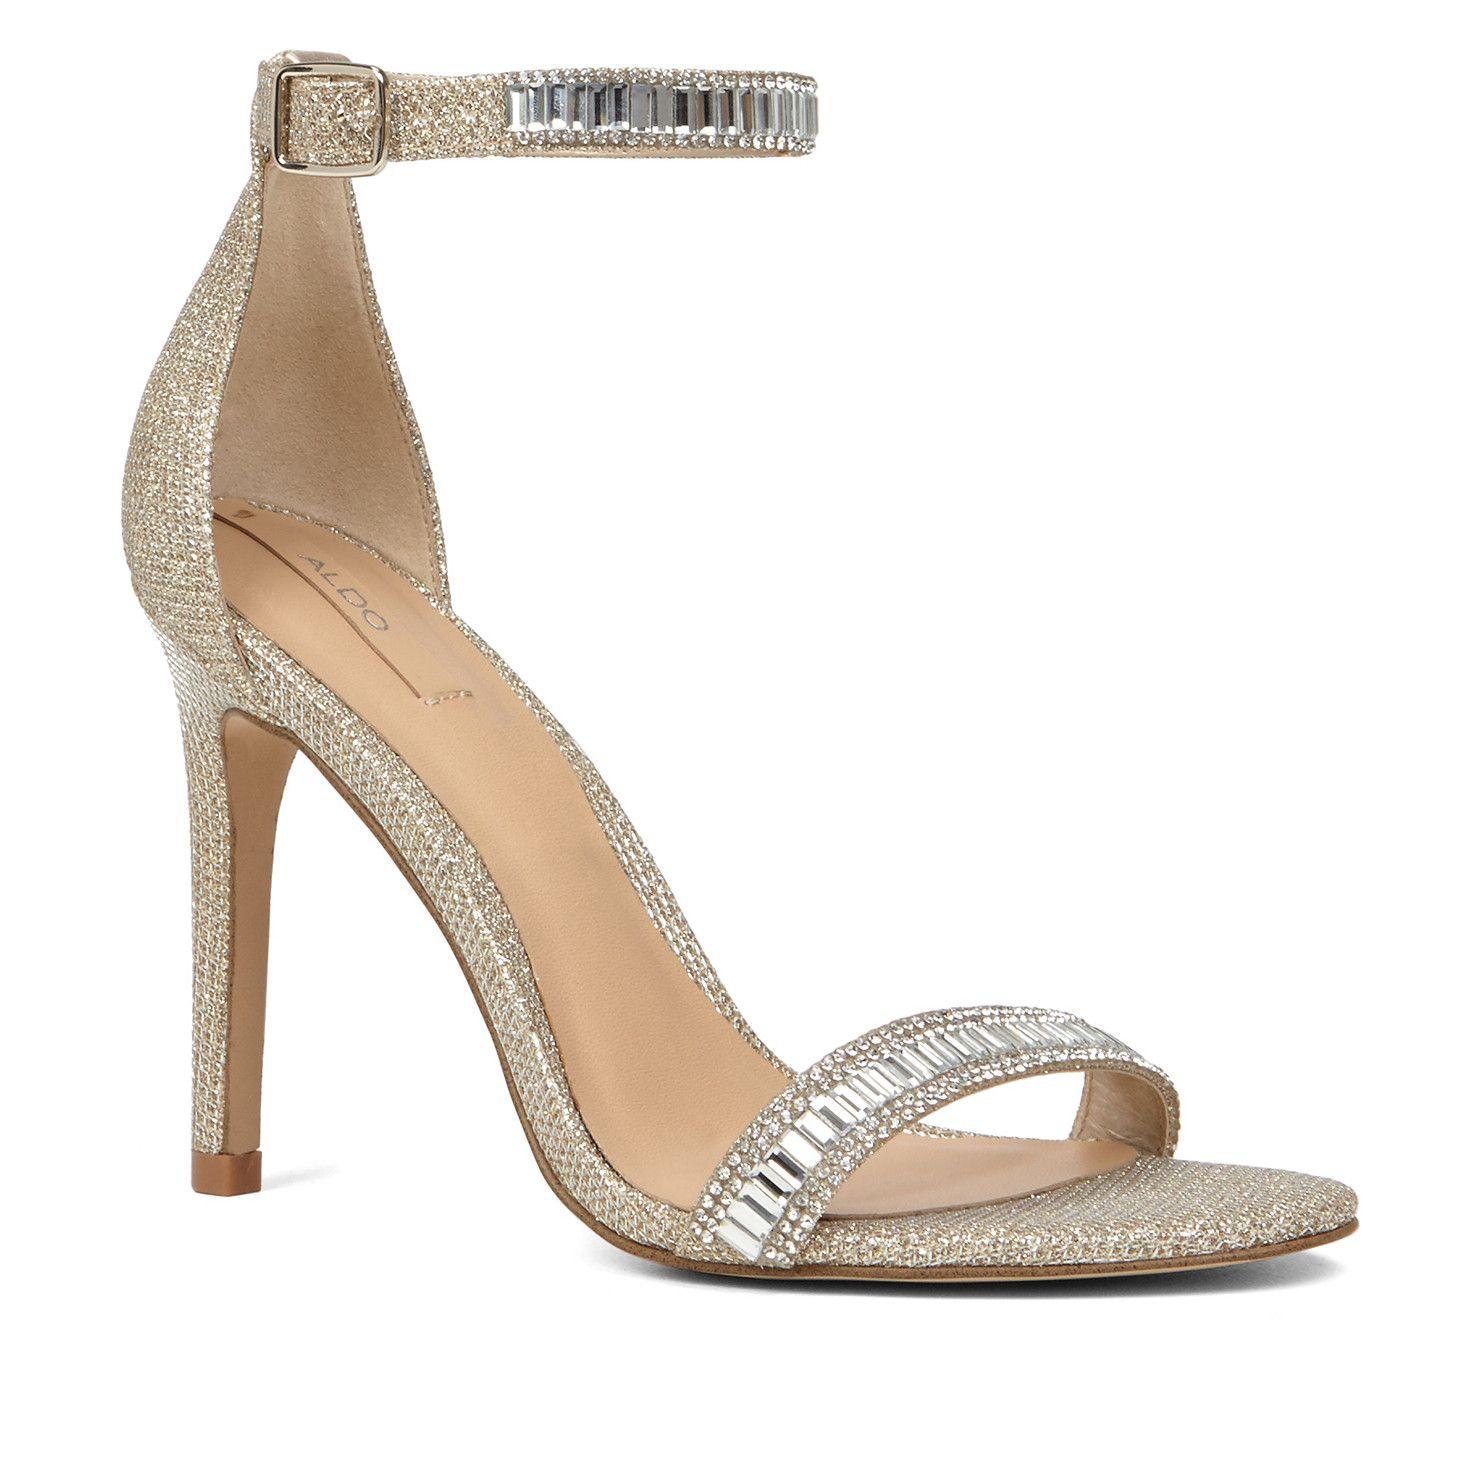 a5b3ec557 SEVOREDIA High-Heel Sandals